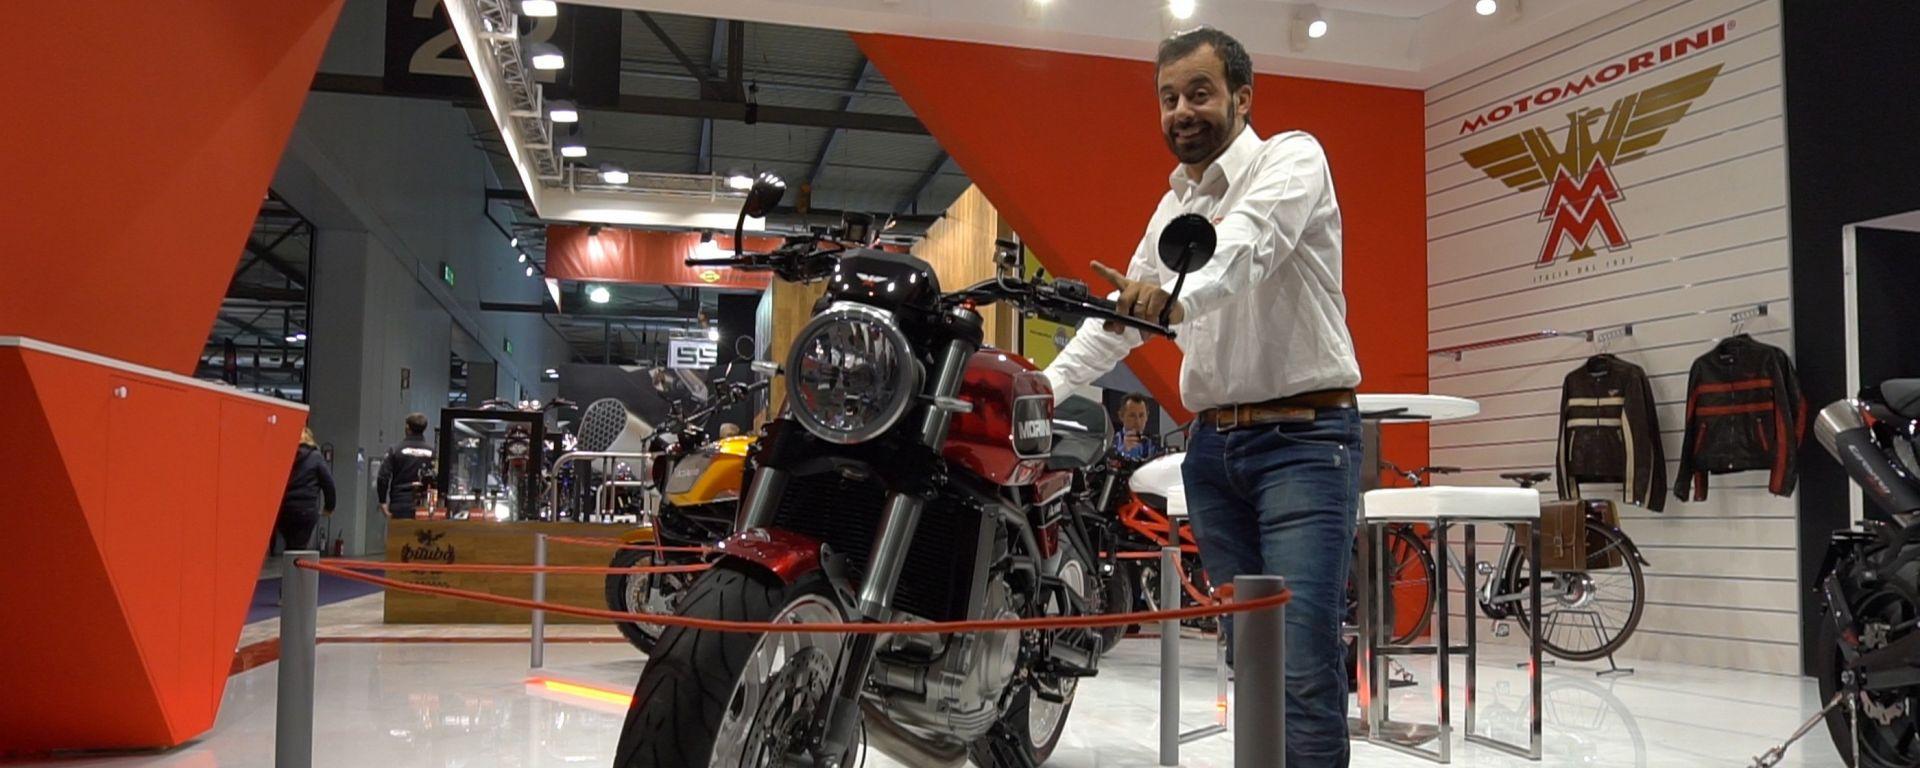 Moto Morini Milano, 80 anni di storia in una moto [VIDEO]